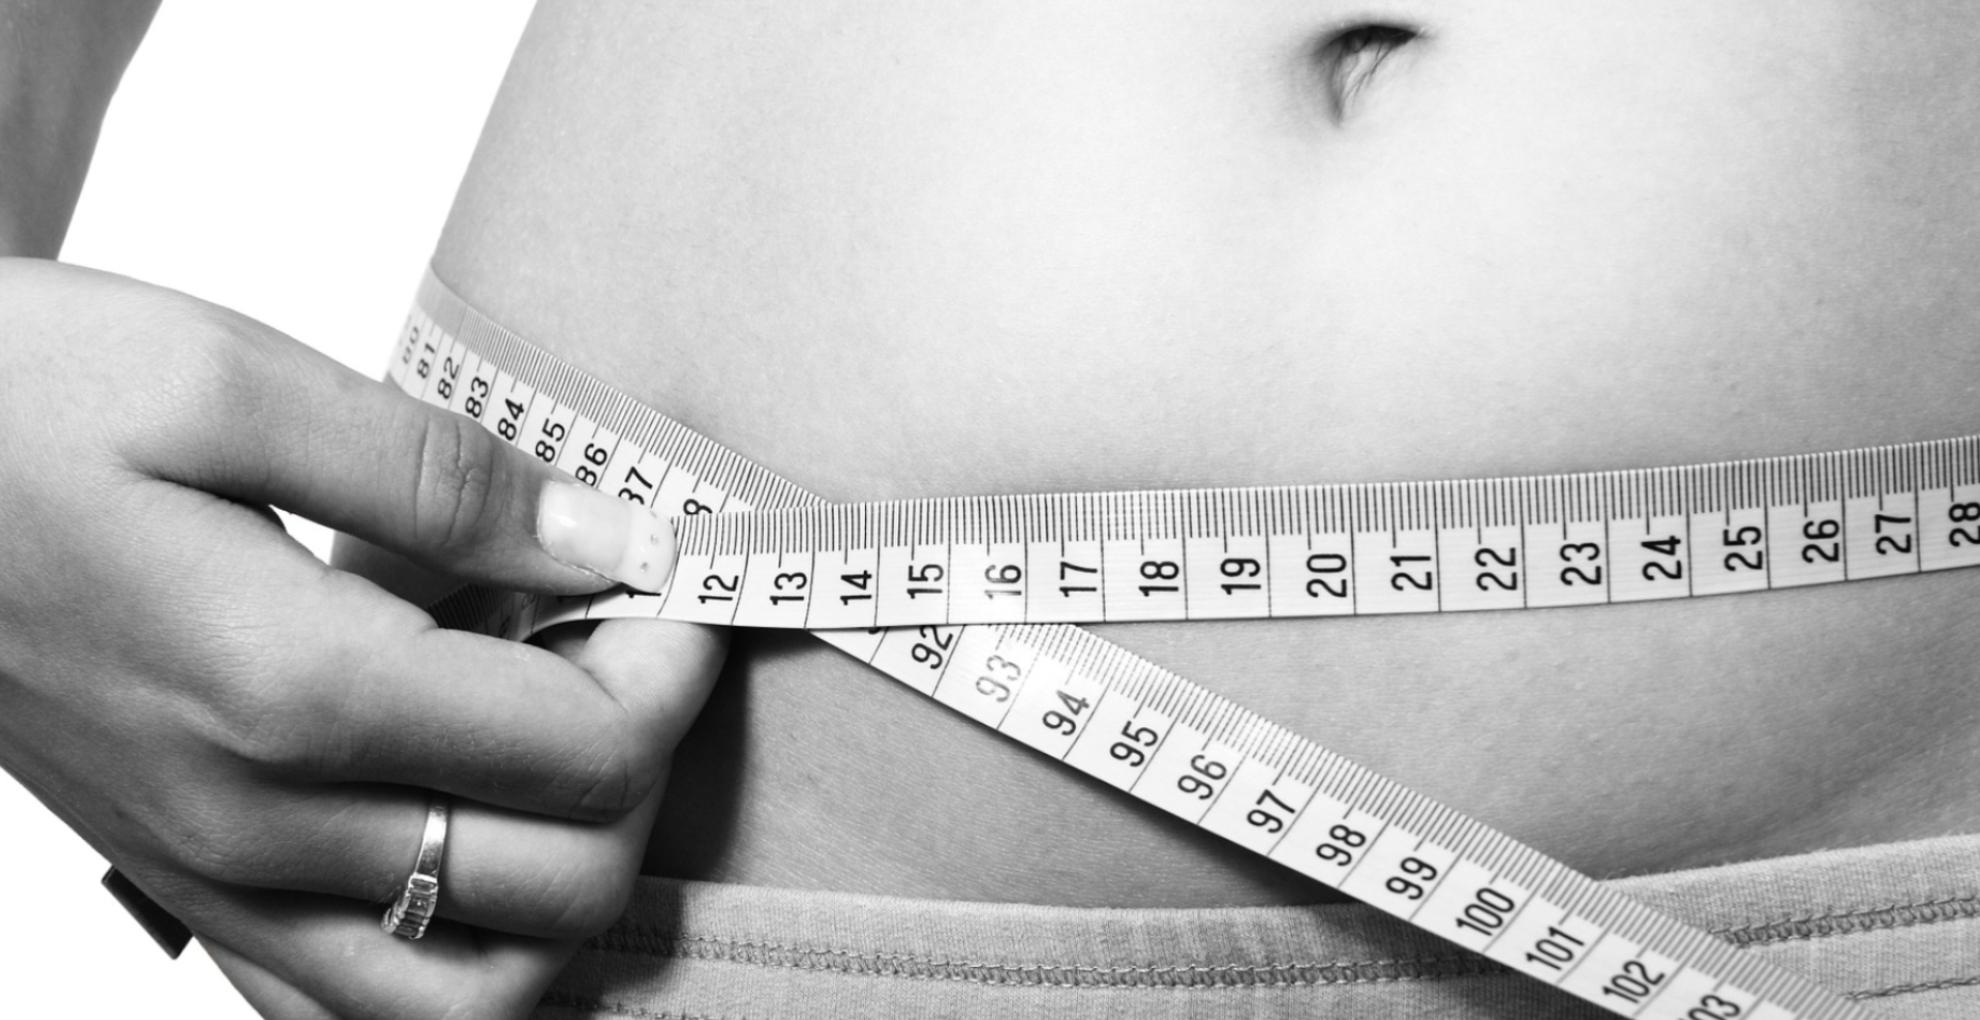 Weight Loss Tips: वजन कम करने का कर रहे हैं प्लान, तो इस तरह से आपका बेस्ट फ्रेंड कर सकता है आपकी मदद